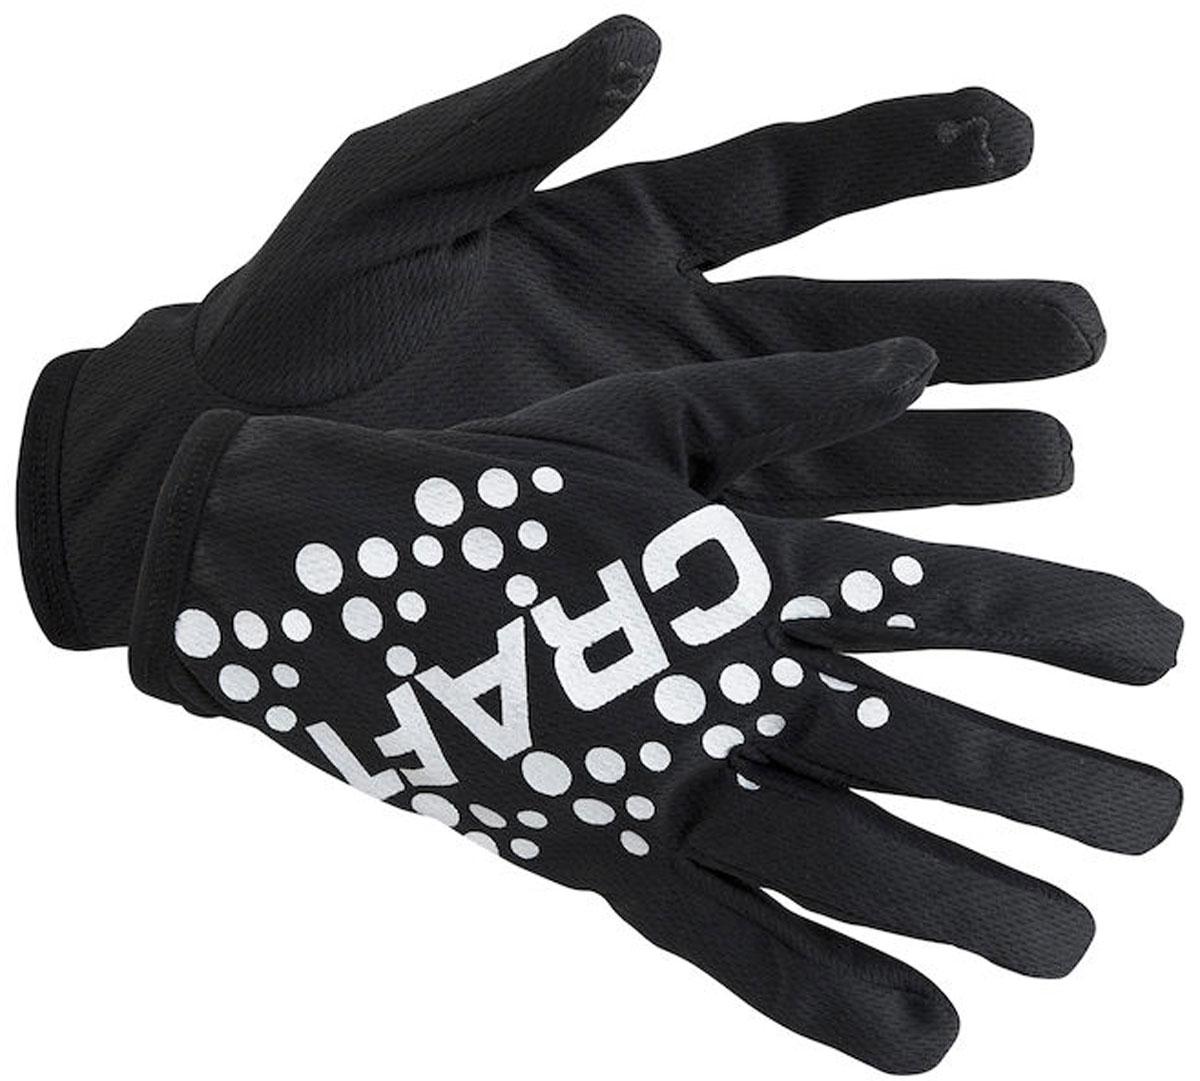 Перчатки Craft Printed, цвет: черный. 1904296/9999. Размер XS (7)1904296/9999Беговые перчатки Craft Printed выполнены из эластичного материала и оформлены логотипным принтом. В таких перчатках ваши тренировки станут комфортнее и эффективнее!